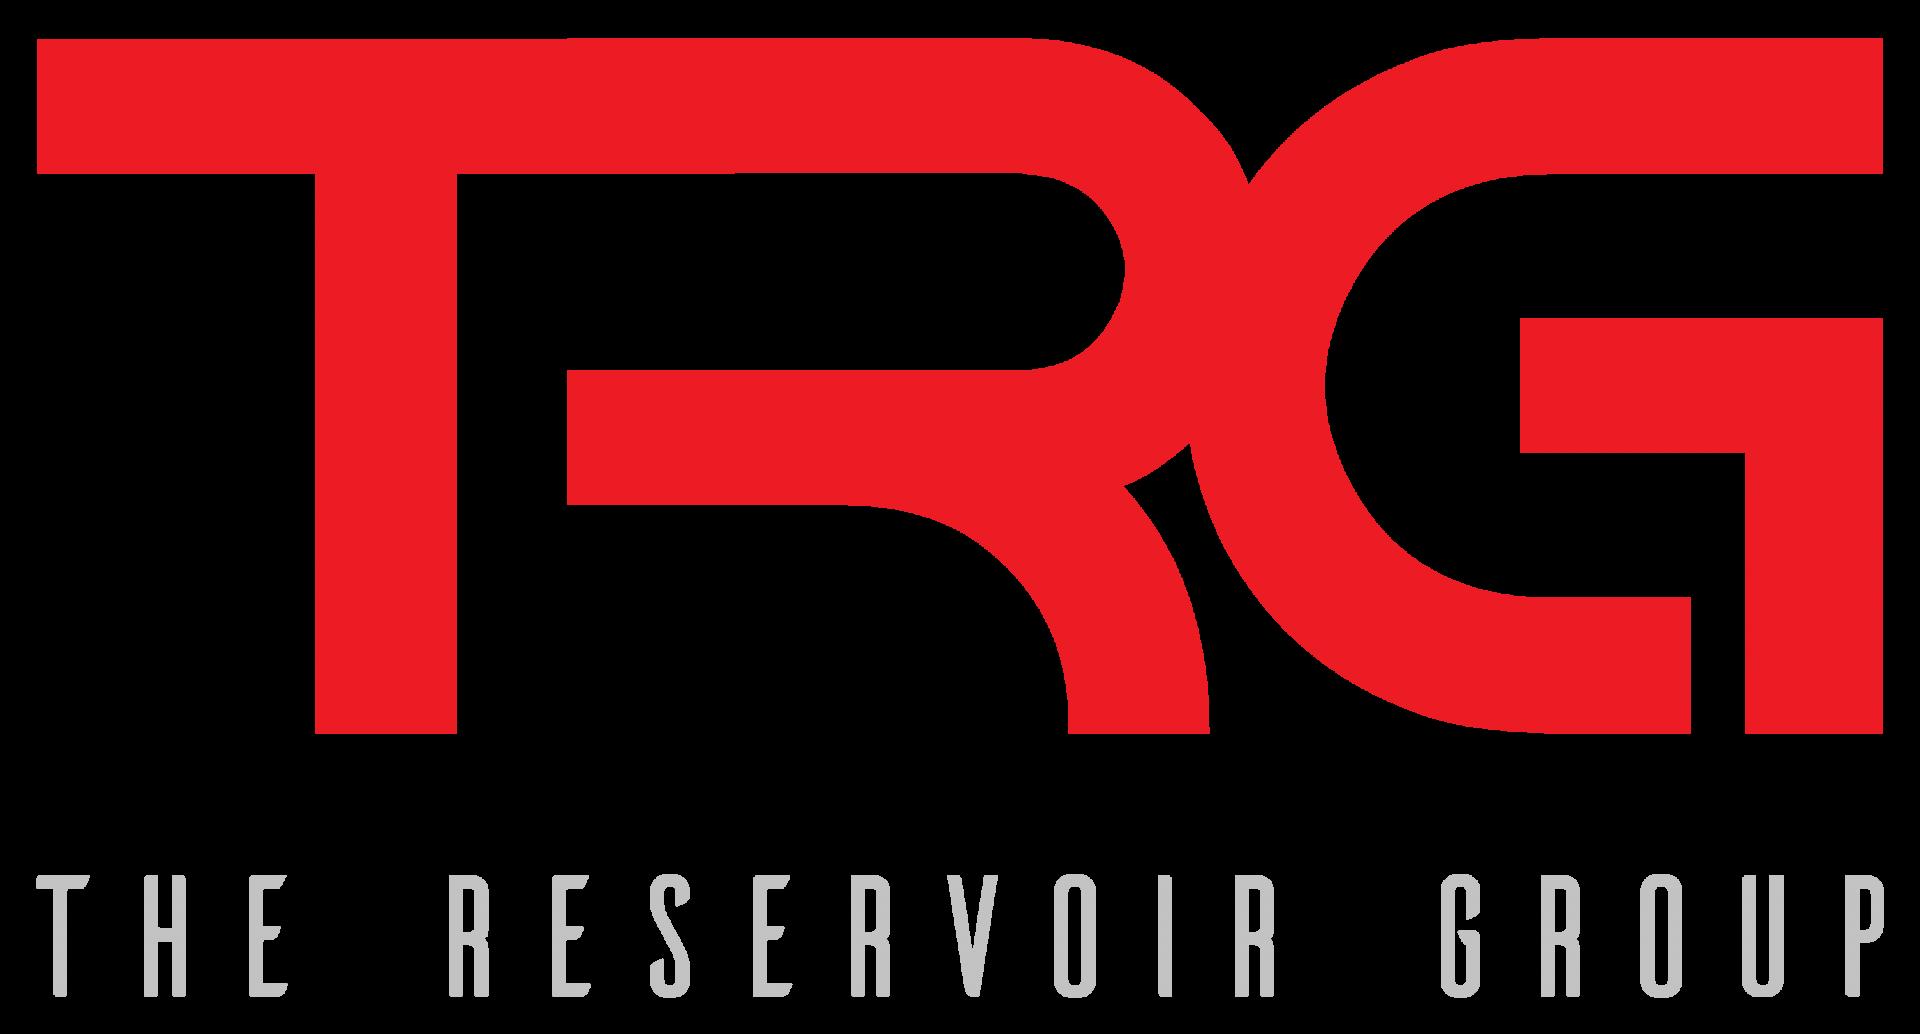 Off Market Deals logo